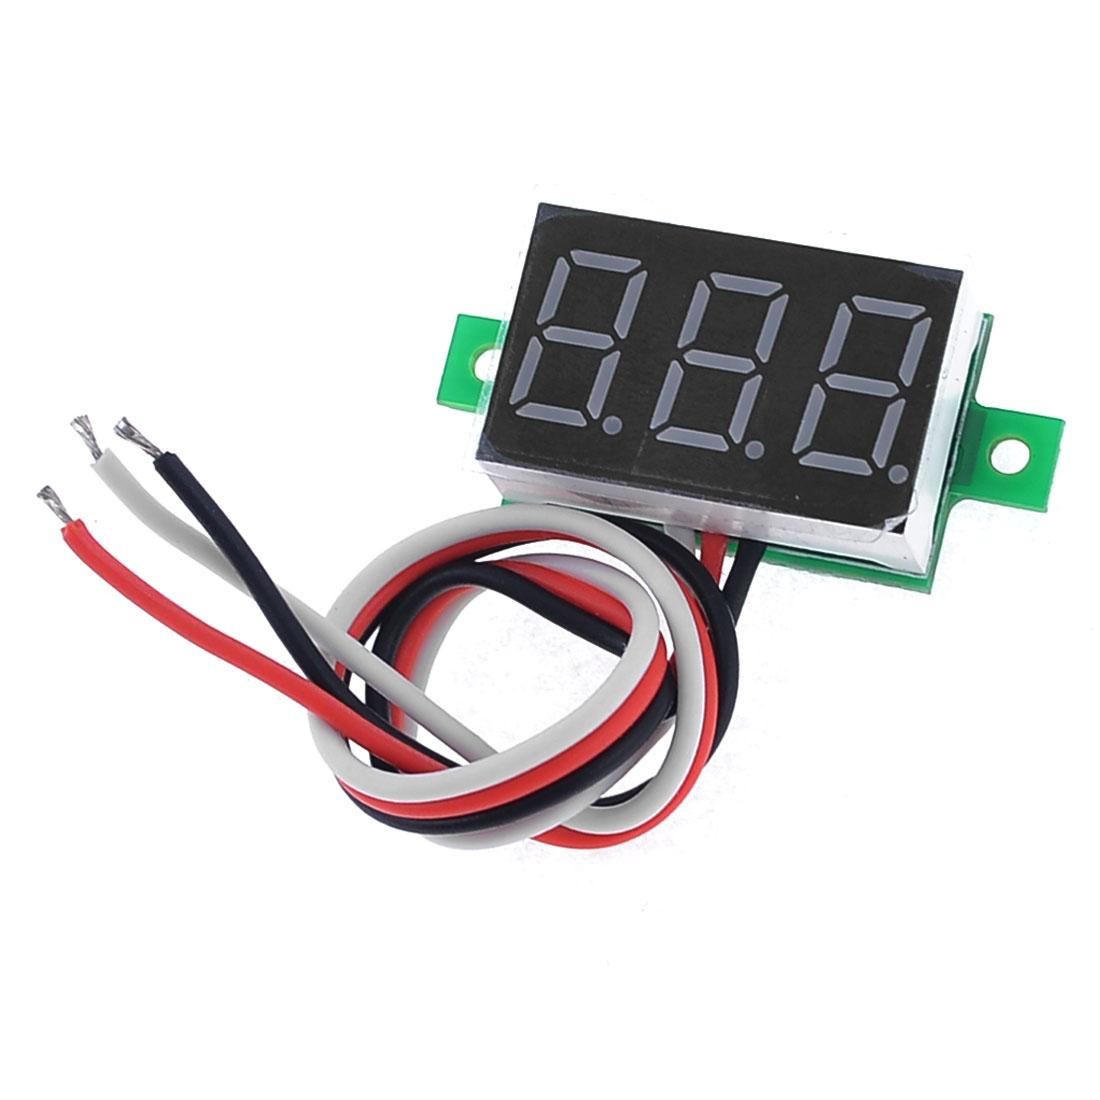 V20D Red LED 3-Digital Direct Current Voltmeter Meter Module DC0-100V